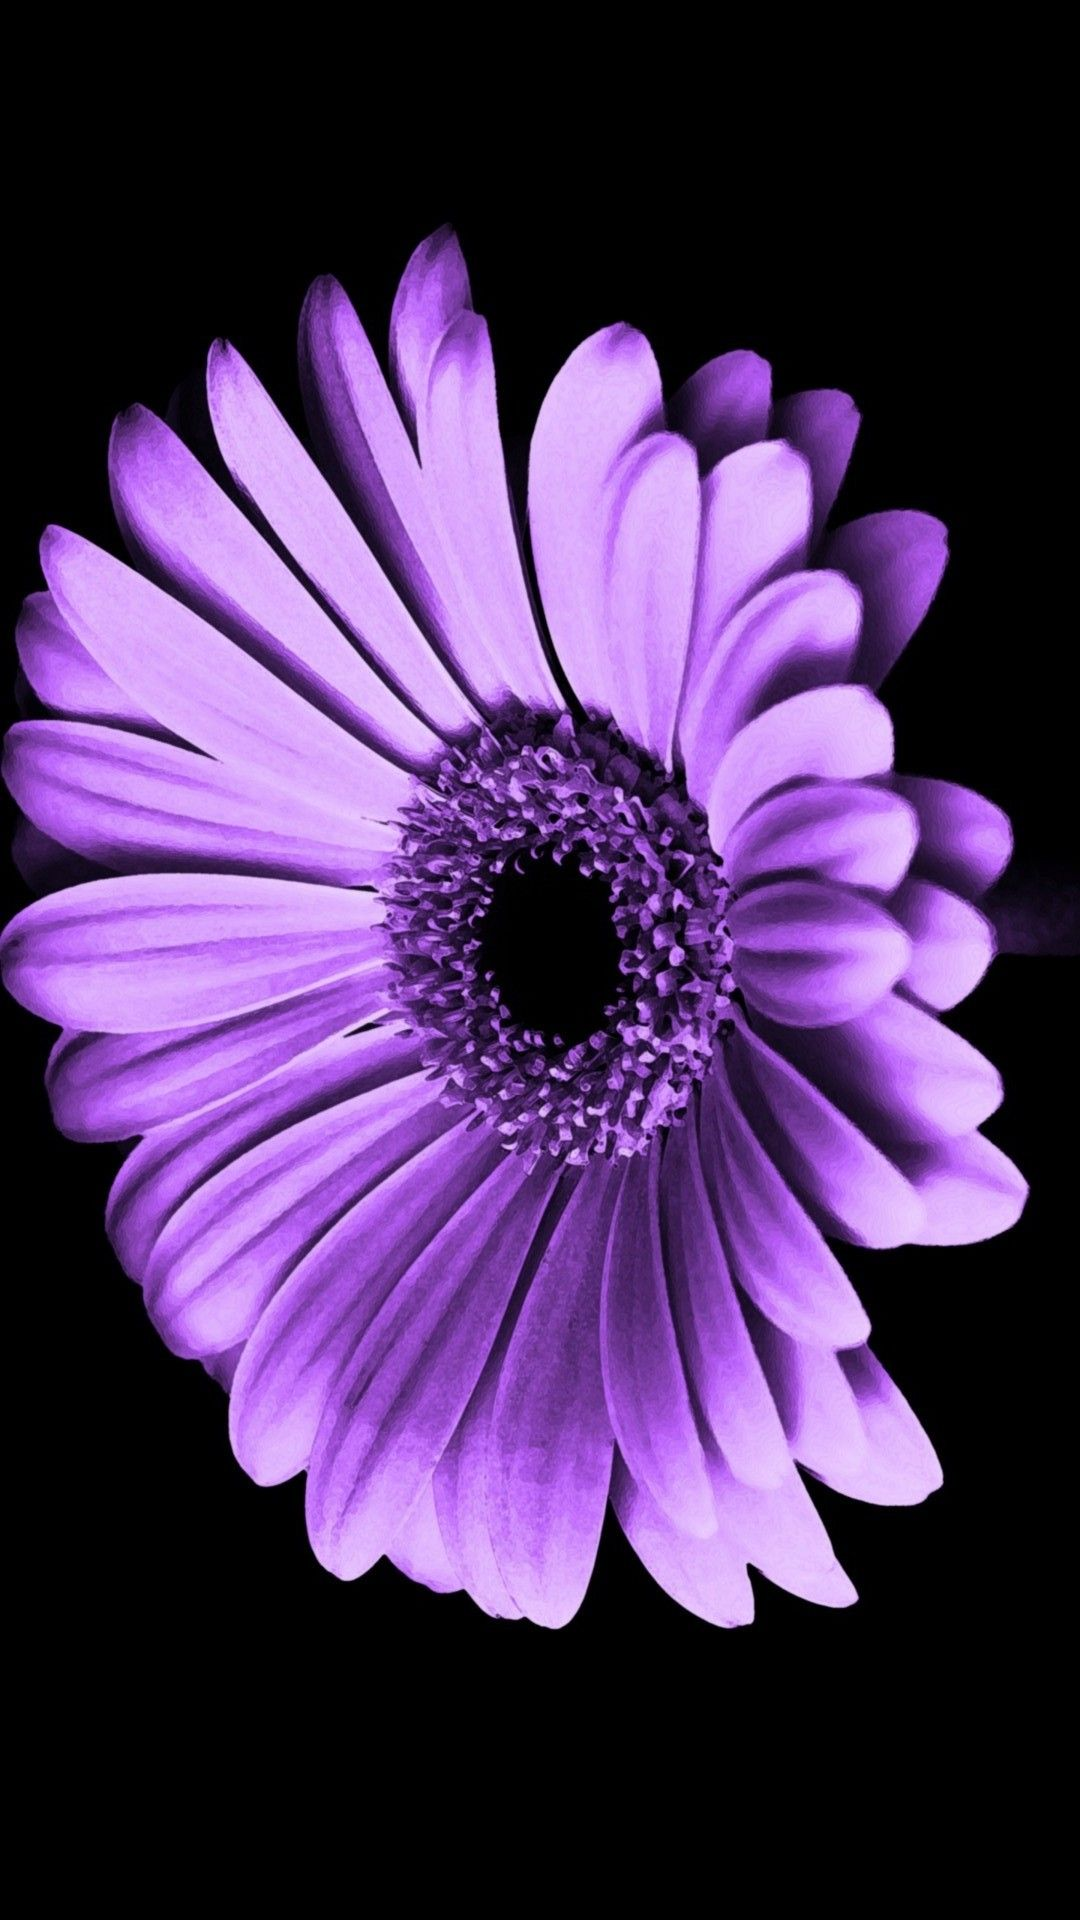 Purple Flowers iPhone Wallpaper HD Best HD Wallpapers